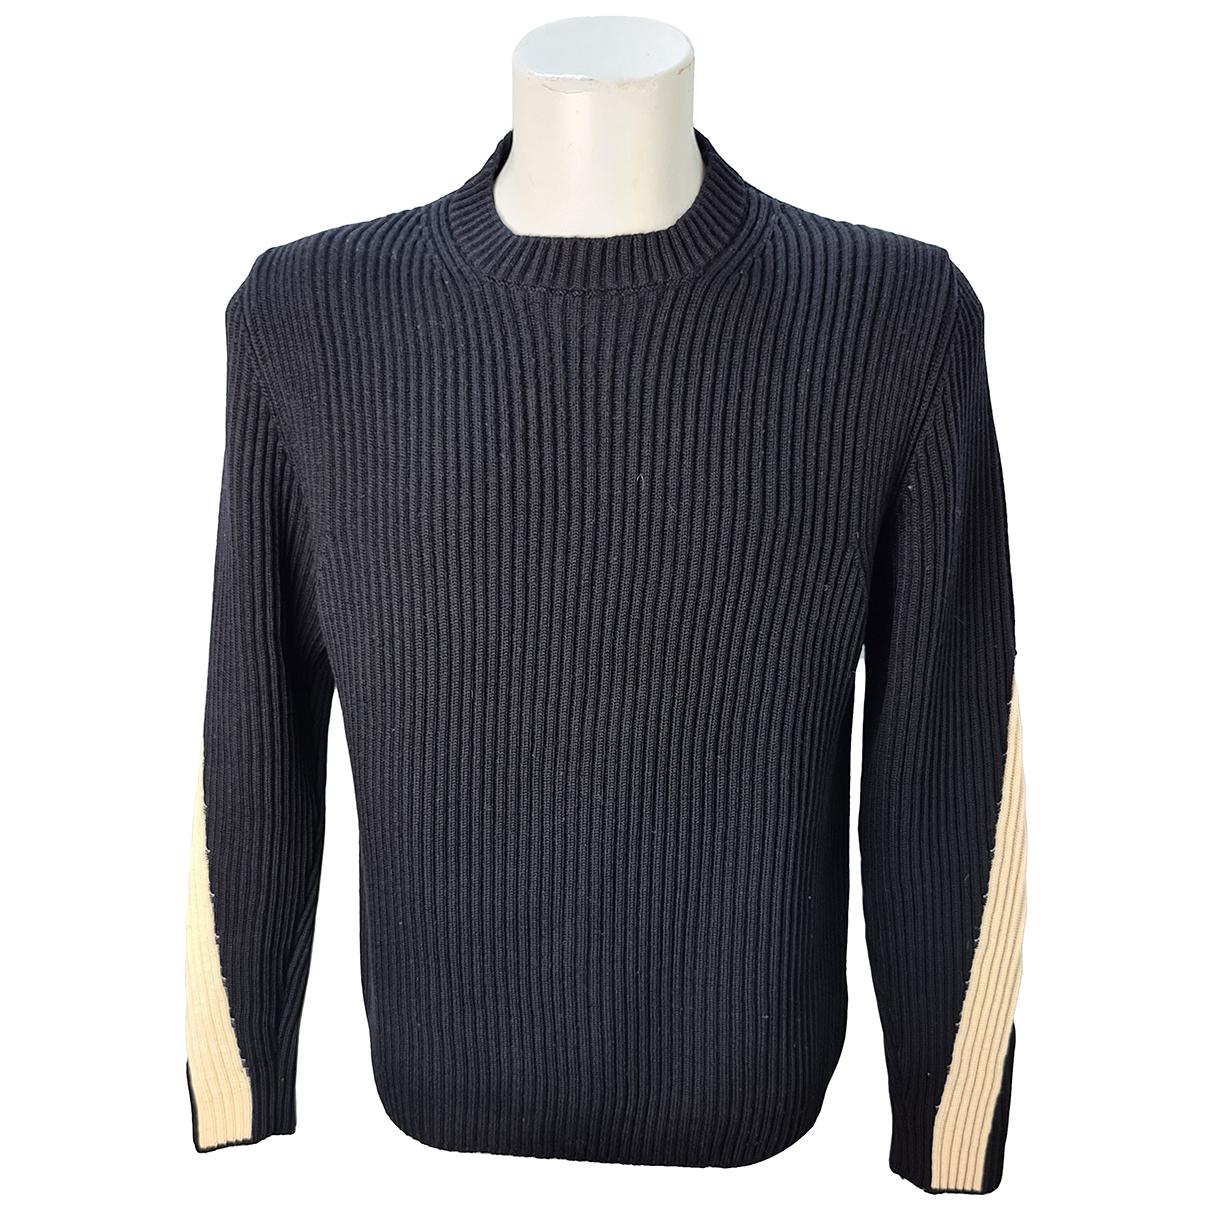 Stone Island \N Pullover.Westen.Sweatshirts  in  Schwarz Wolle